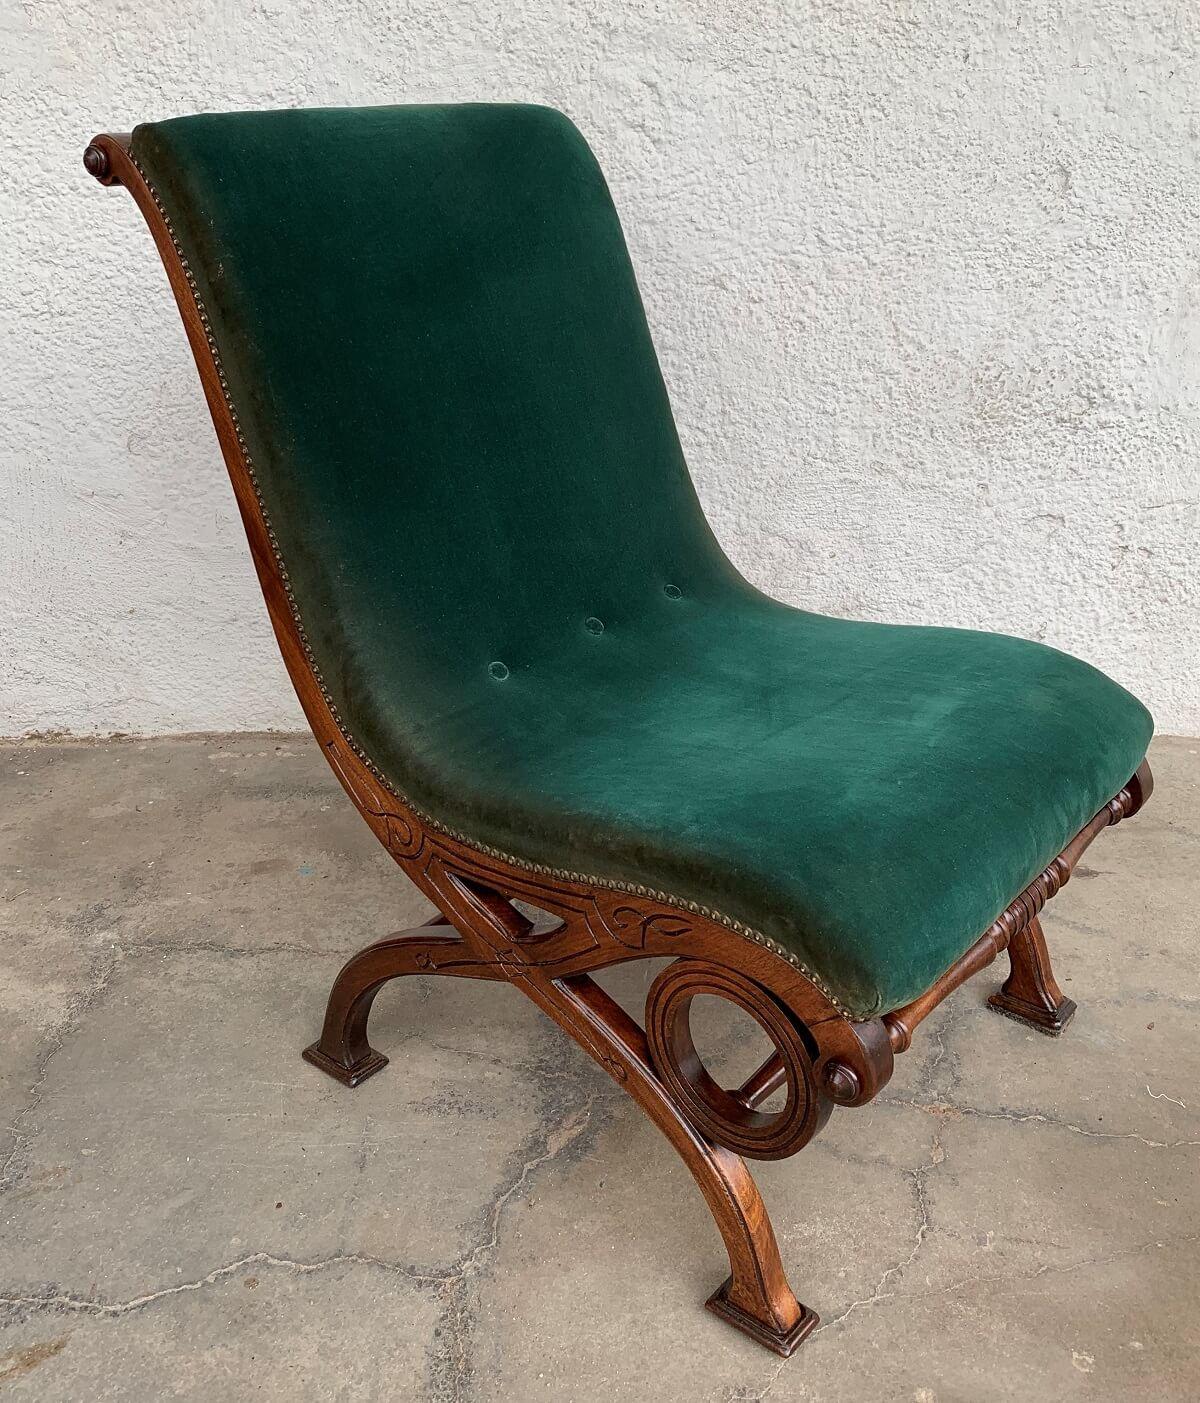 Cadeira Antiga Estilo Ingles Madeira Nobre